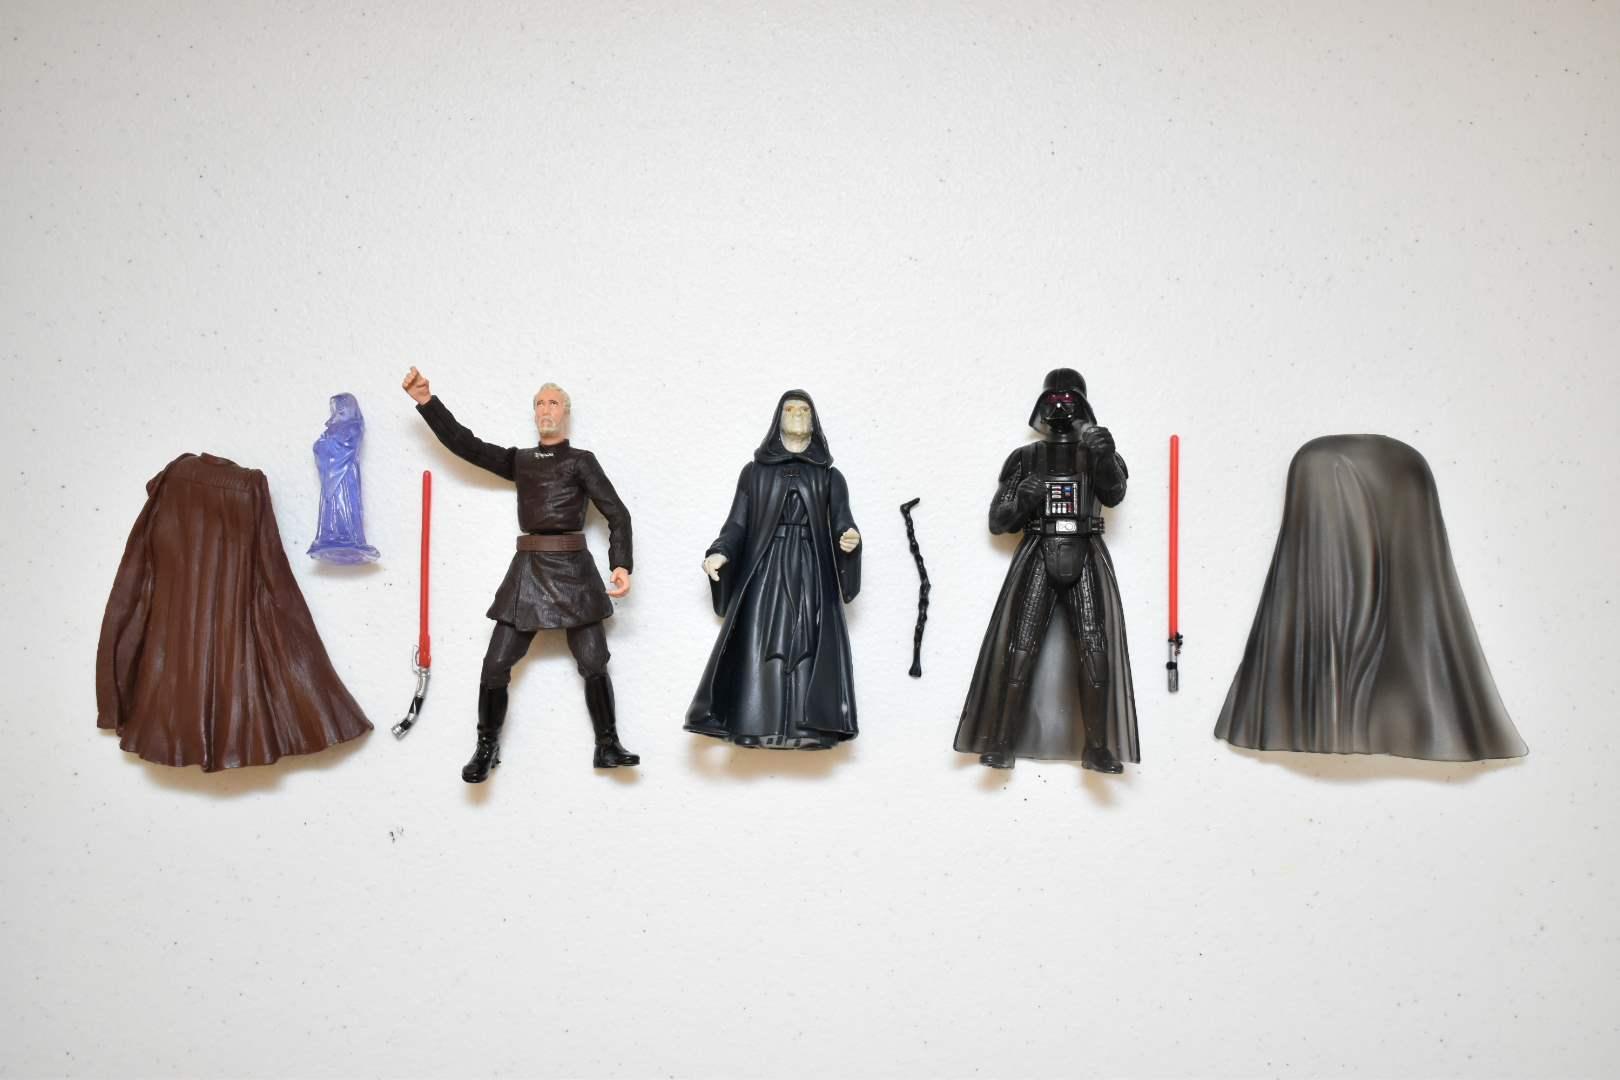 Vintage STAR WARS Darth Vader, Emperor Palpatine, Count Dooku